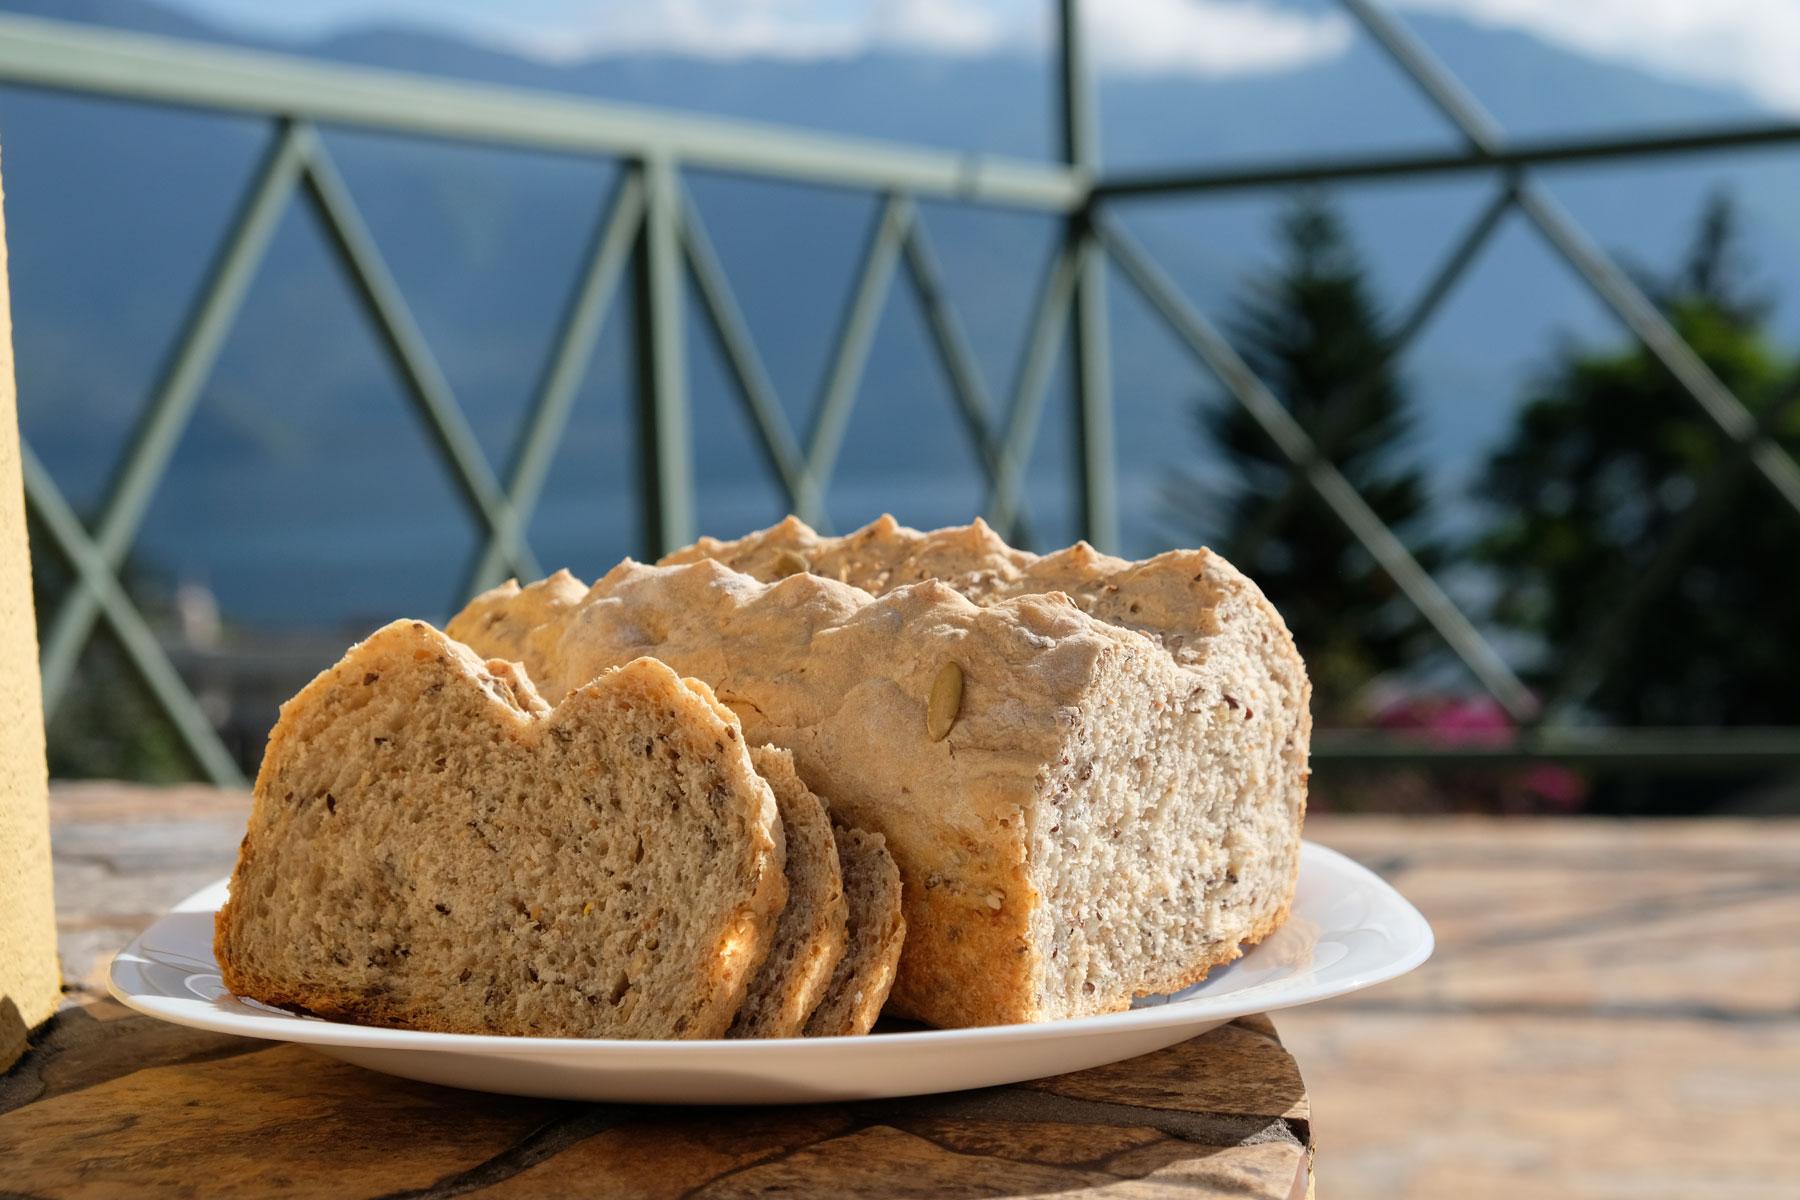 Leo und Sebastian haben zum ersten Mal selbst beim Housesitting in Guatemala ein Brot gebacken.